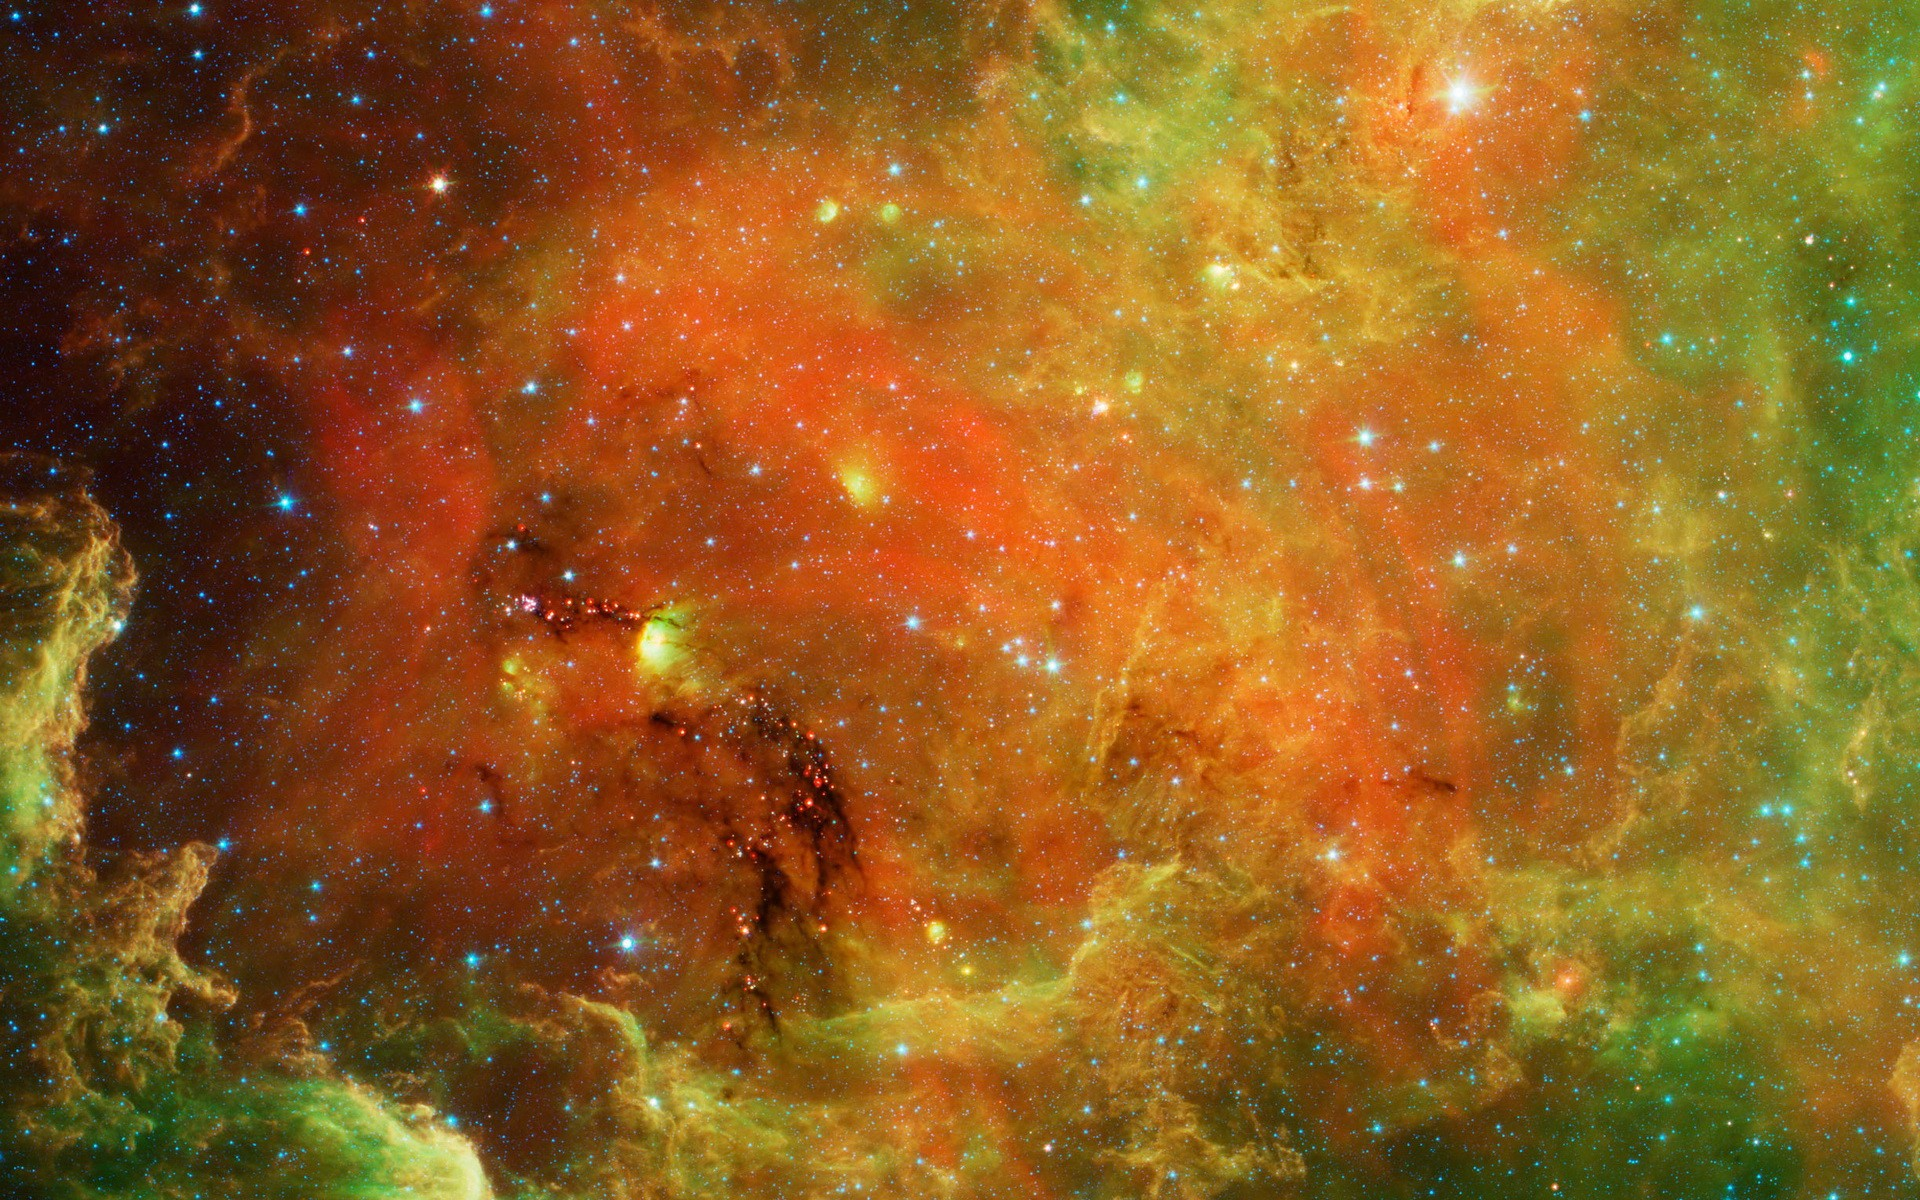 El espacio exterior de colores - 1920x1200